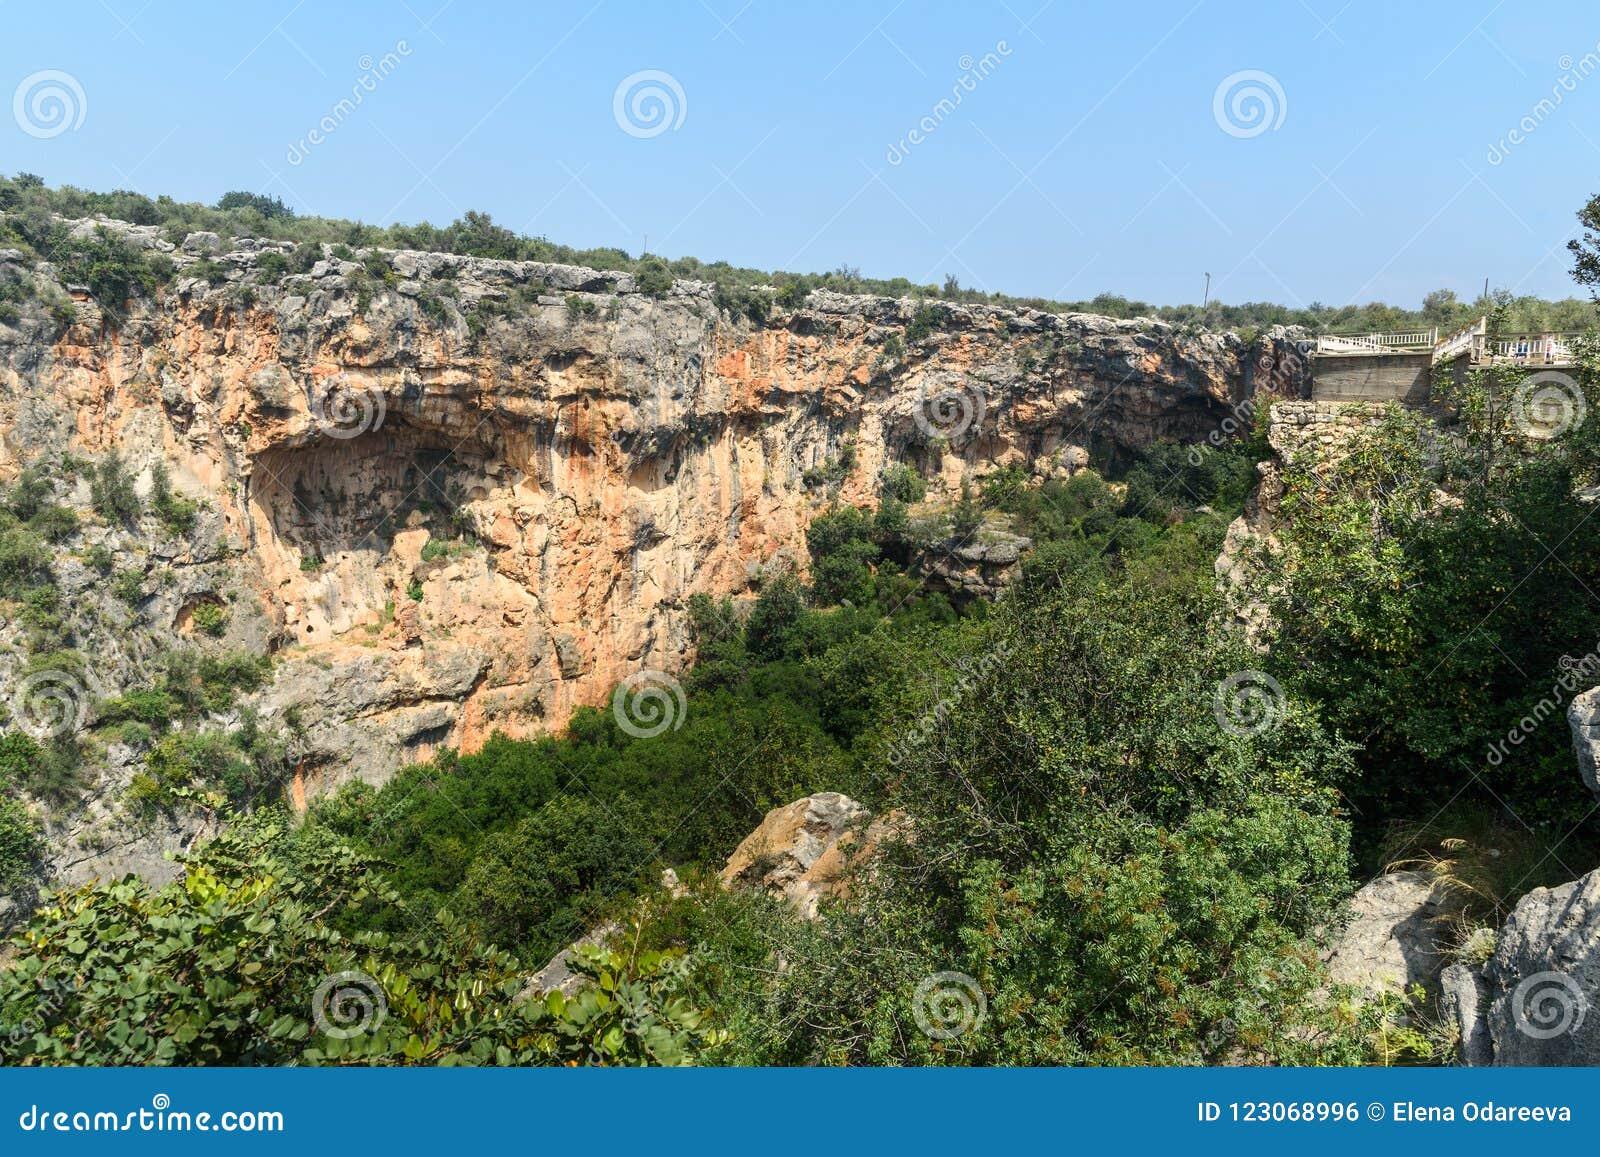 Cennet et Cehennem ou effondrements de ciel et d enfer en Taurus Mountains, dans la province de Mersin, la Turquie